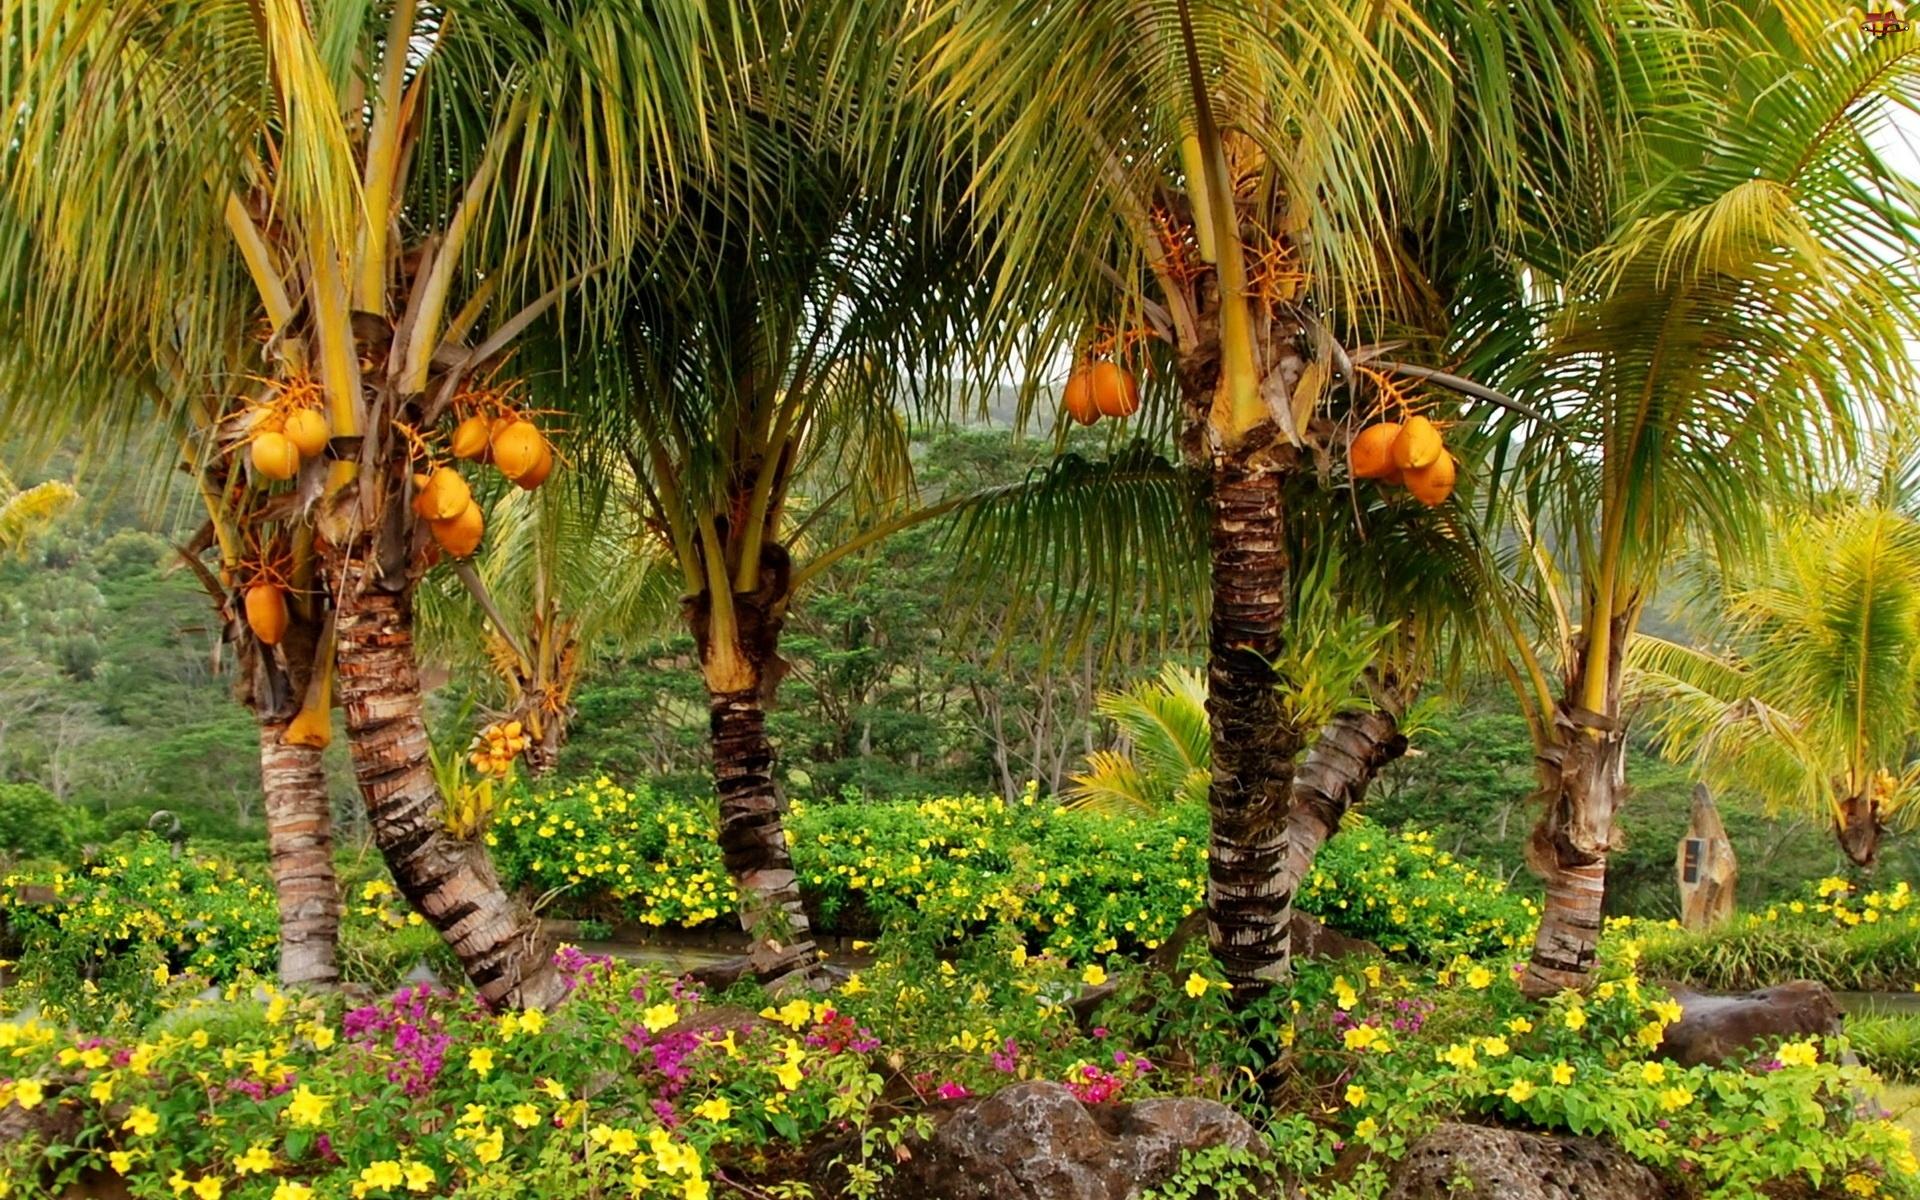 Kwiaty, Ogród, Kokosowy